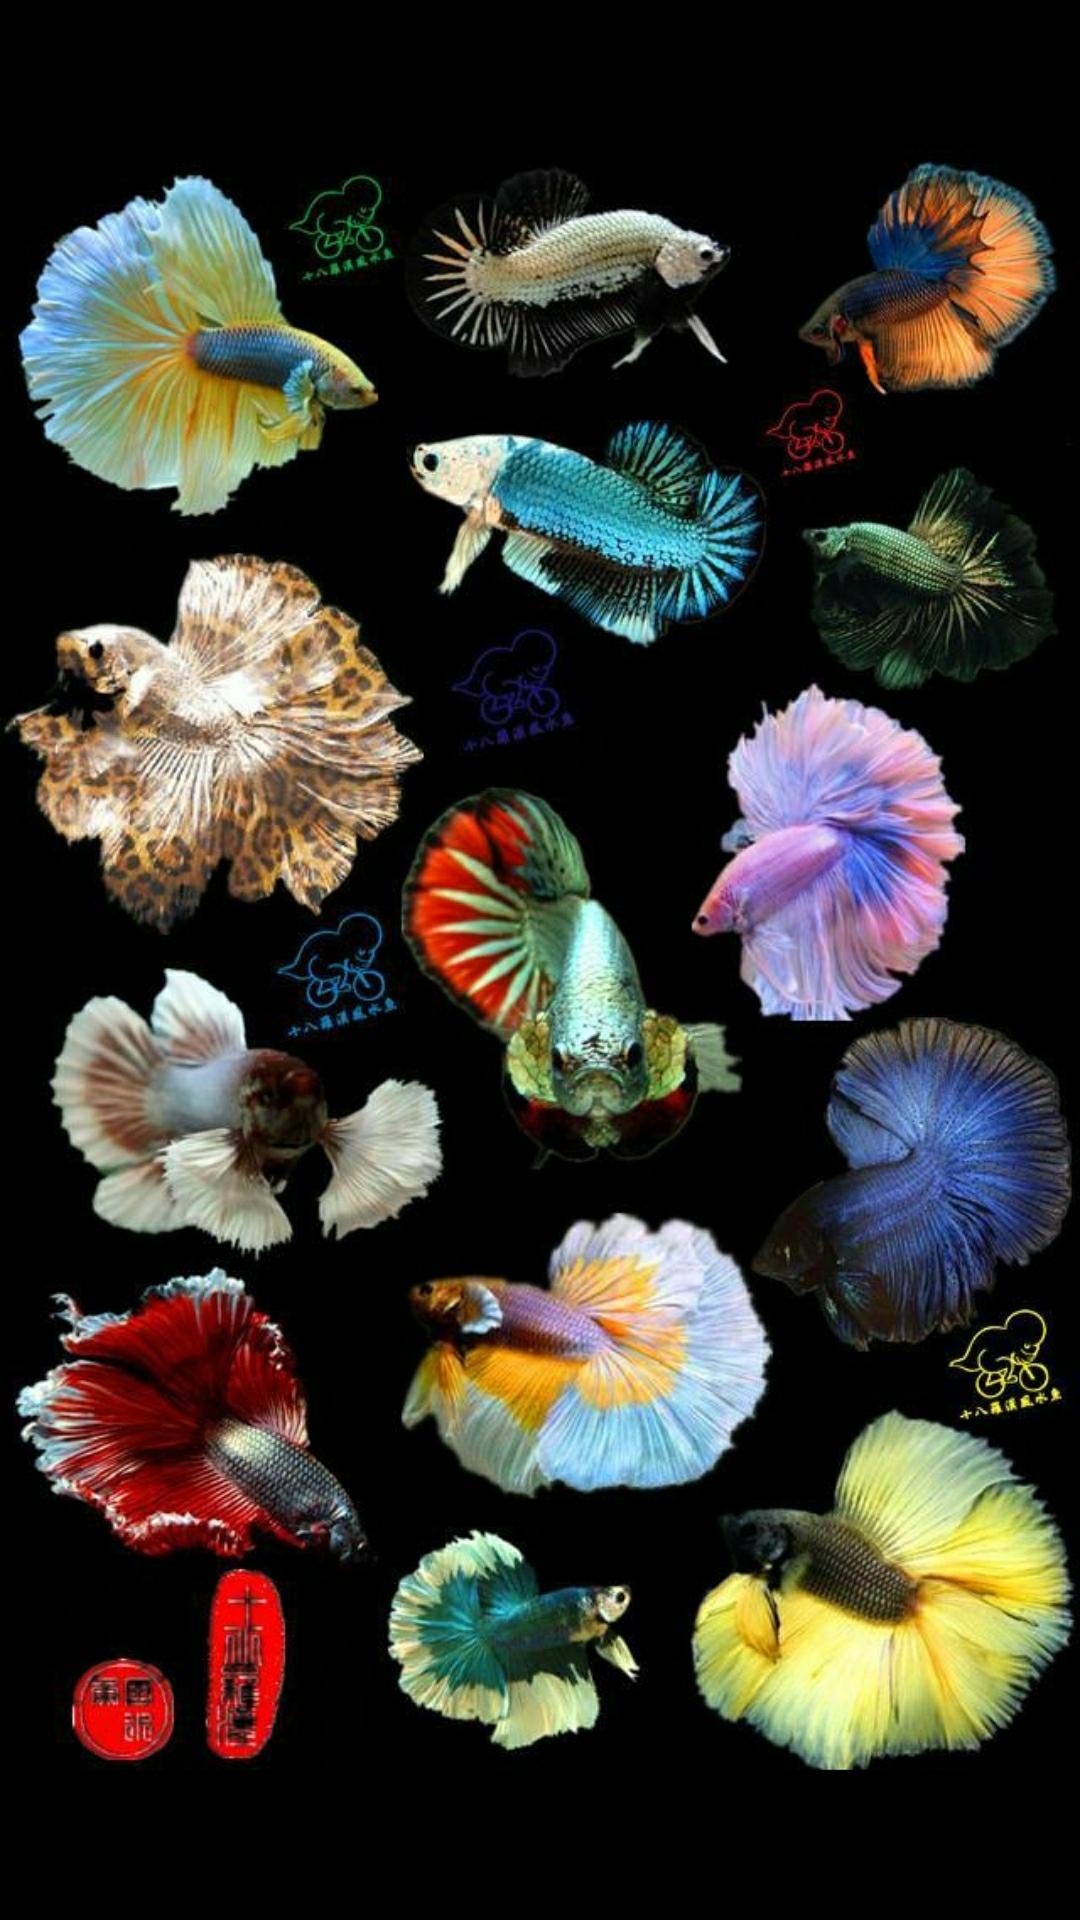 分享几张桌面图 西安观赏鱼信息 西安博特第6张